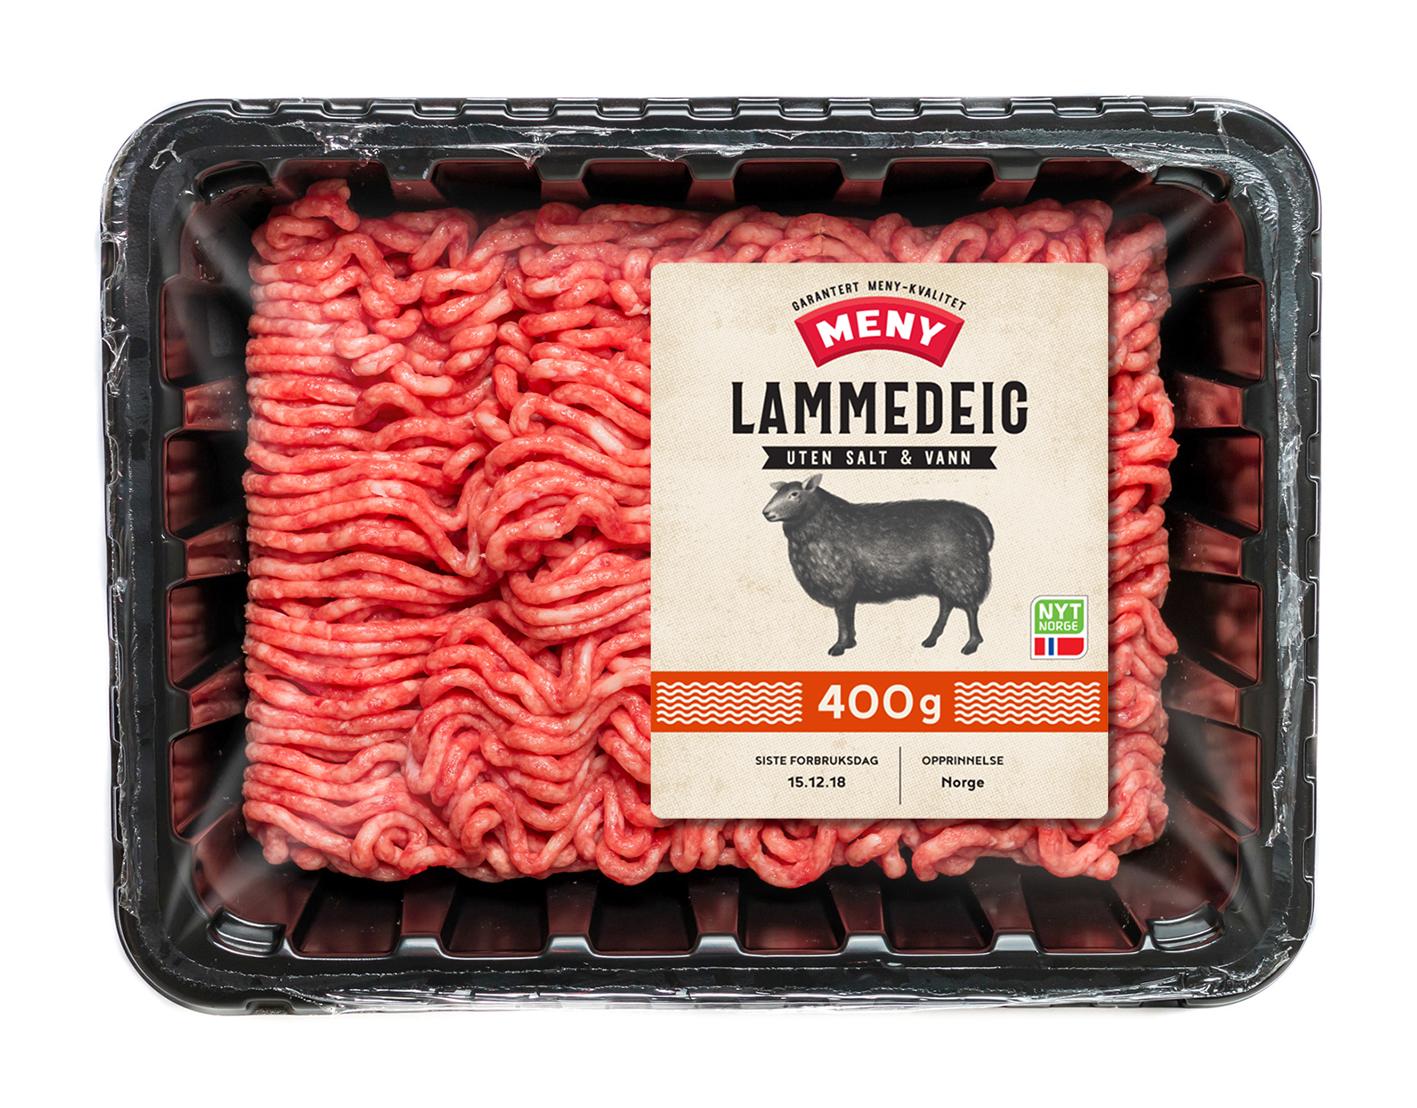 J_10118_Mock-Up_Minced_Meat_Lammedeig.jpg